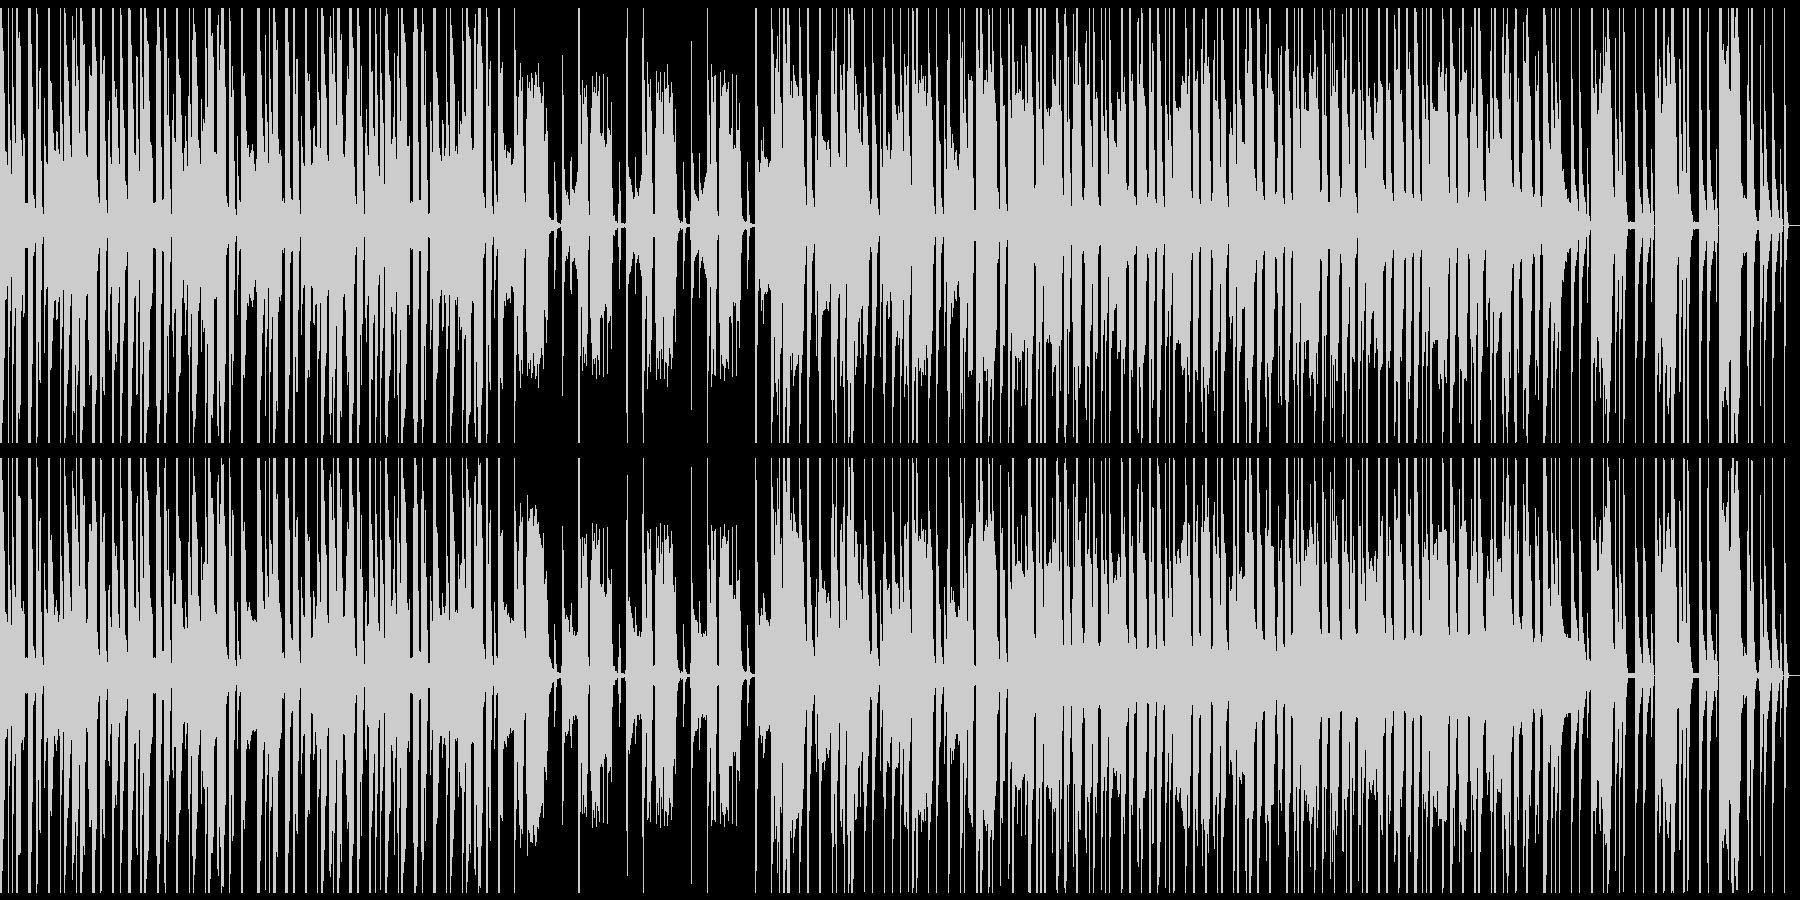 ループ仕様、軽快、コミカル、シンセの未再生の波形